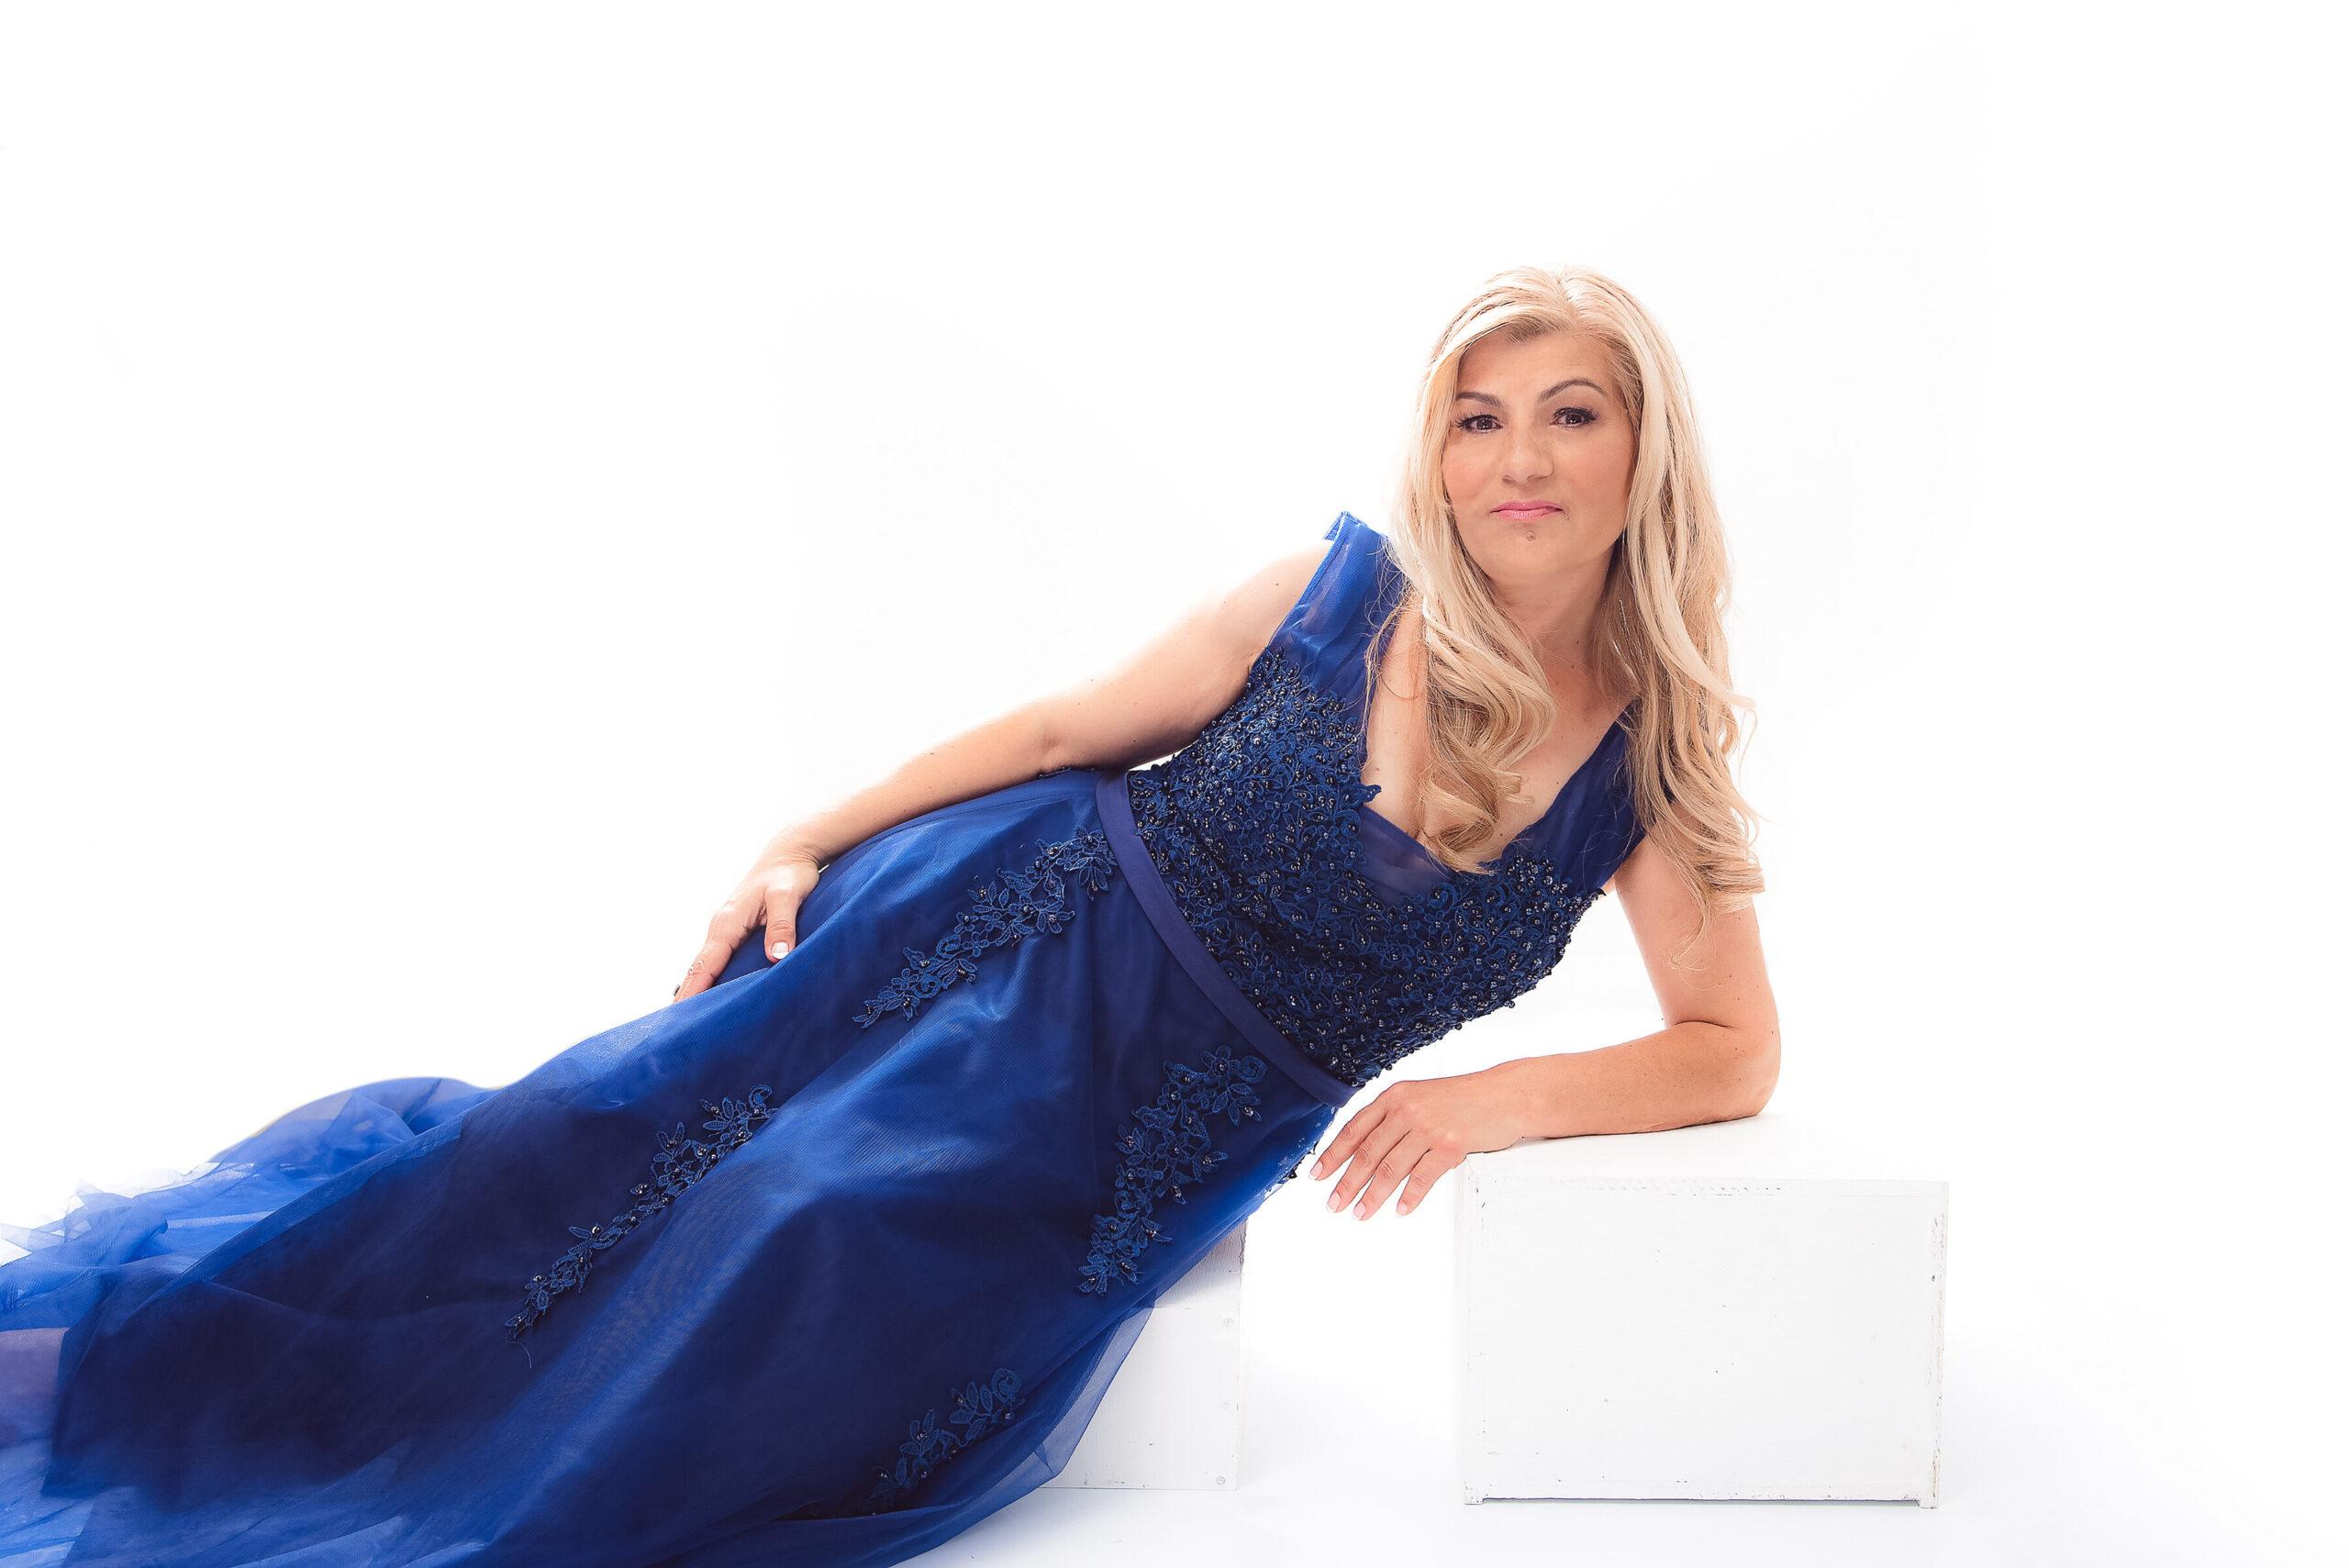 Cindy Zdenka – Fabulous40Plus Portrait Special